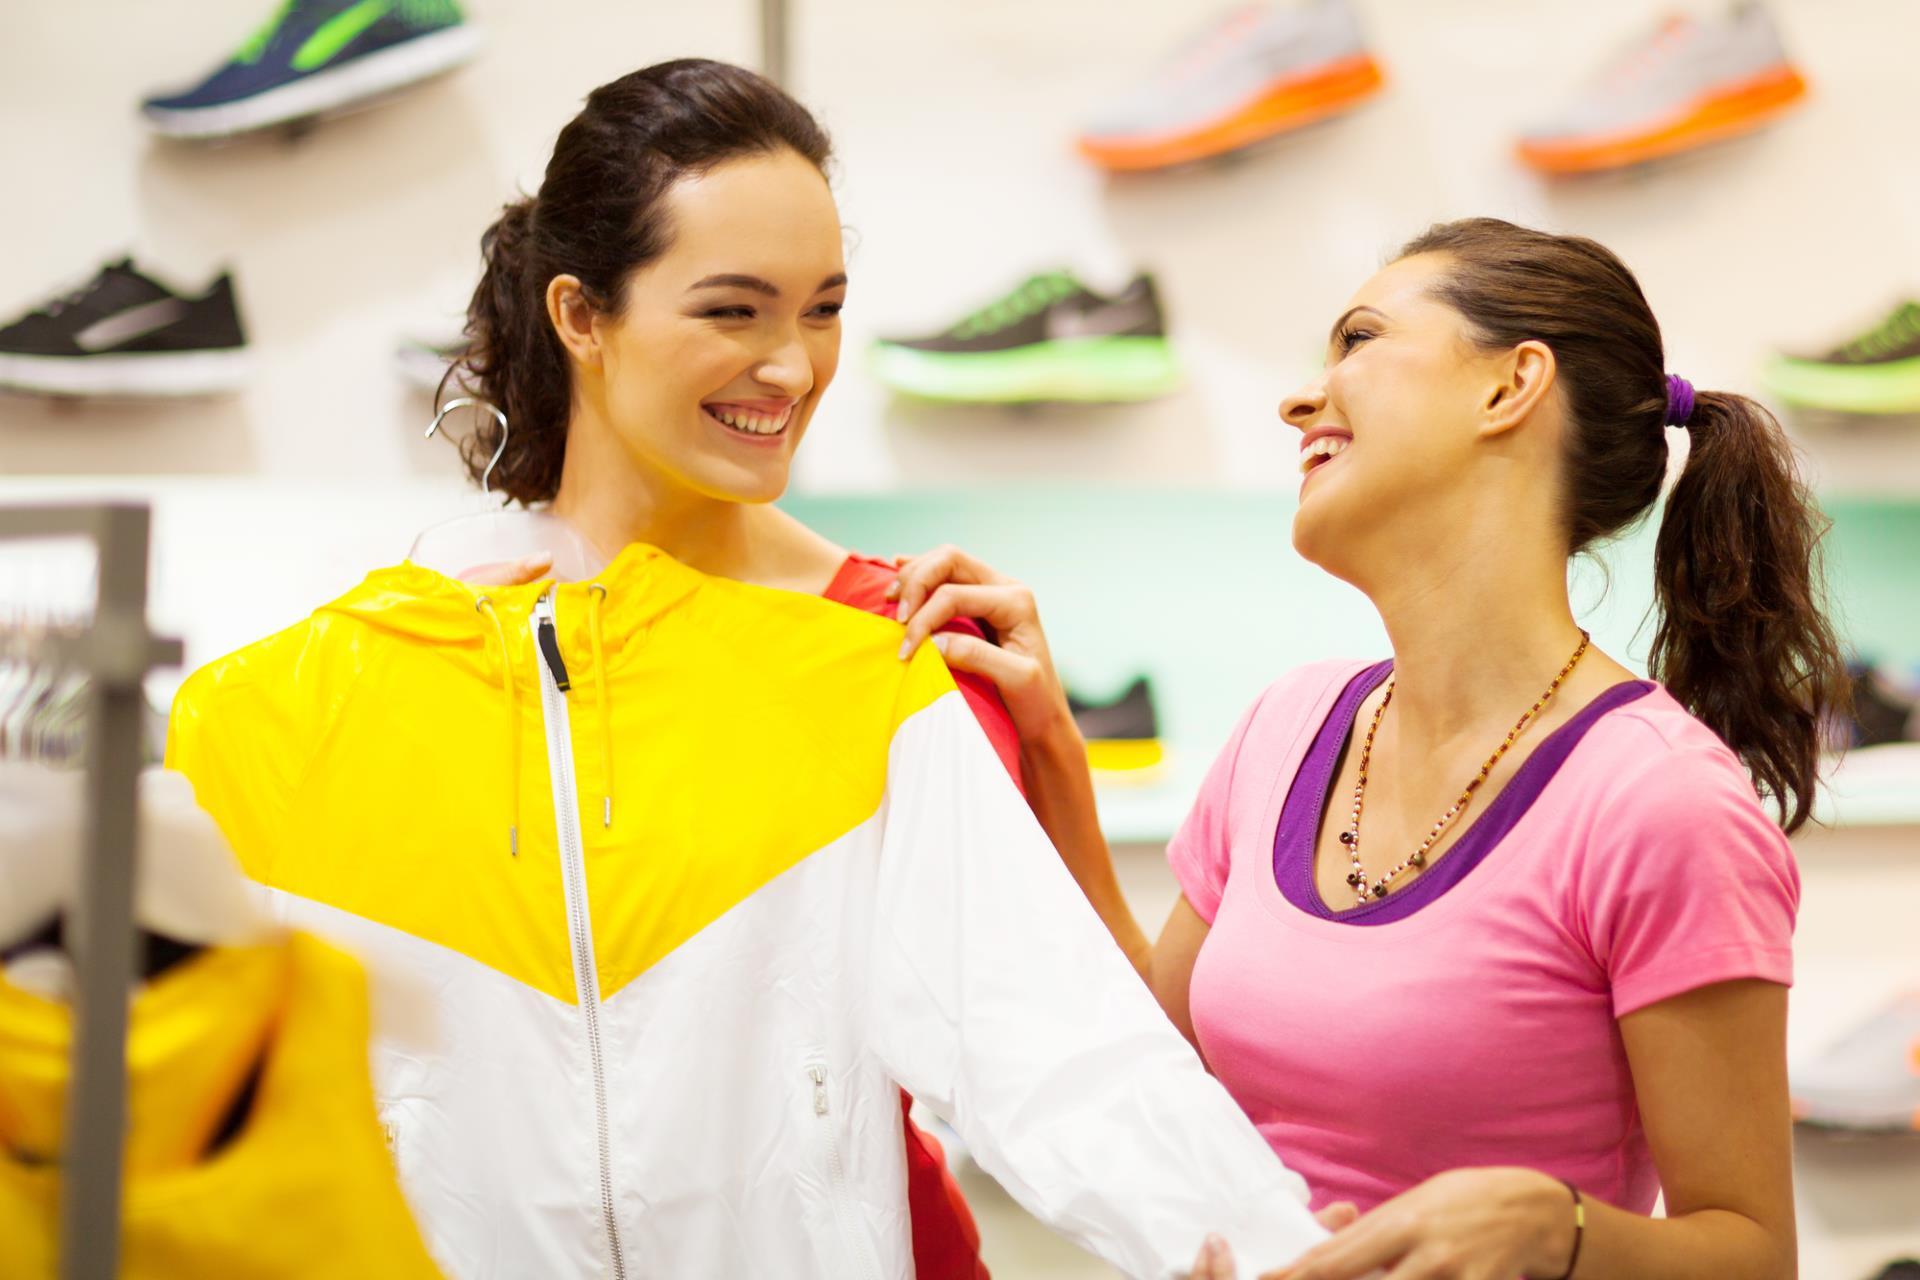 Auswahl an Sportbekleidung